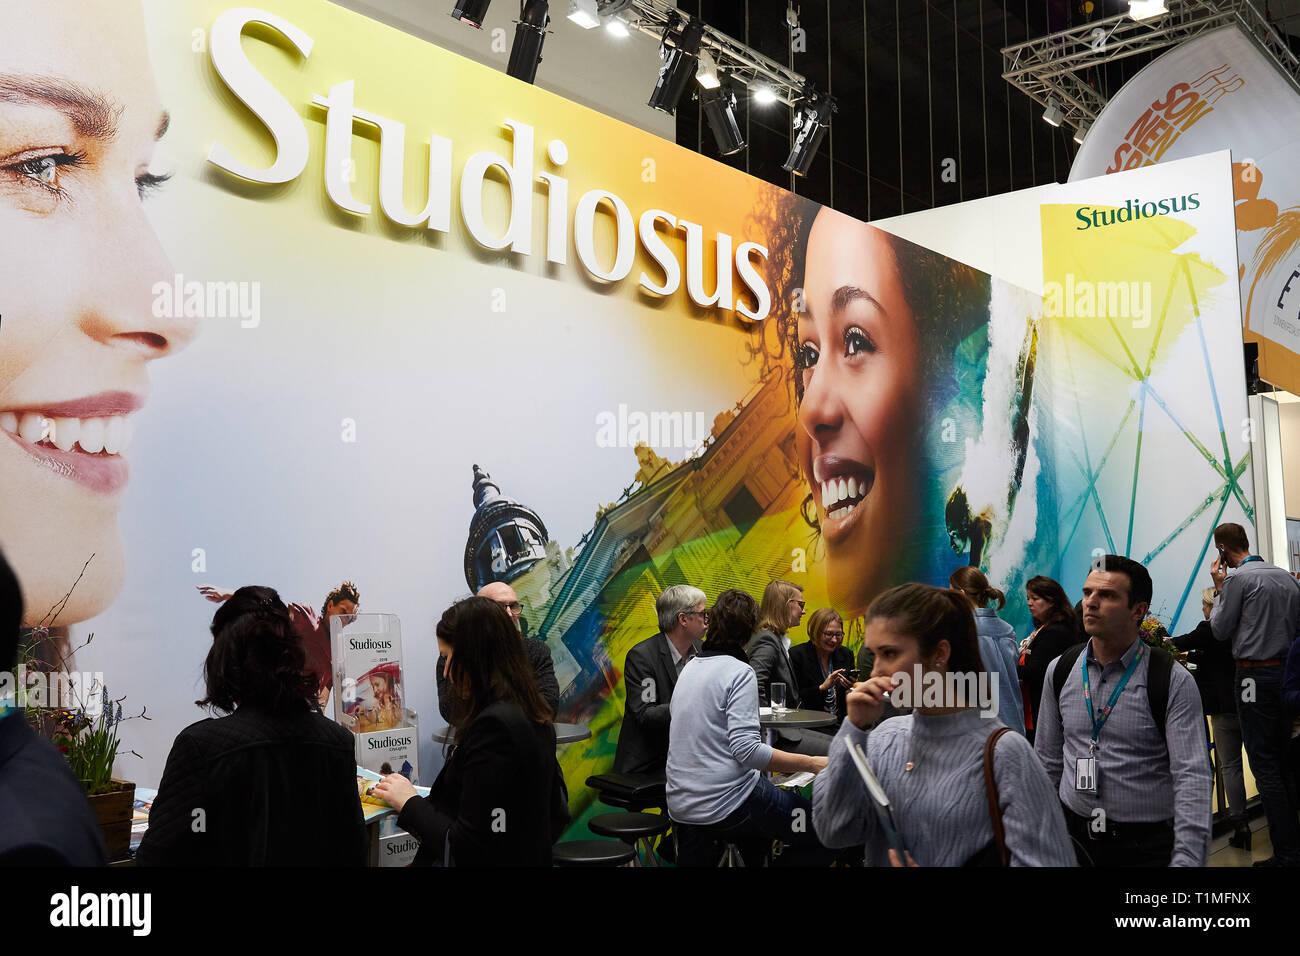 Studiosus 2019